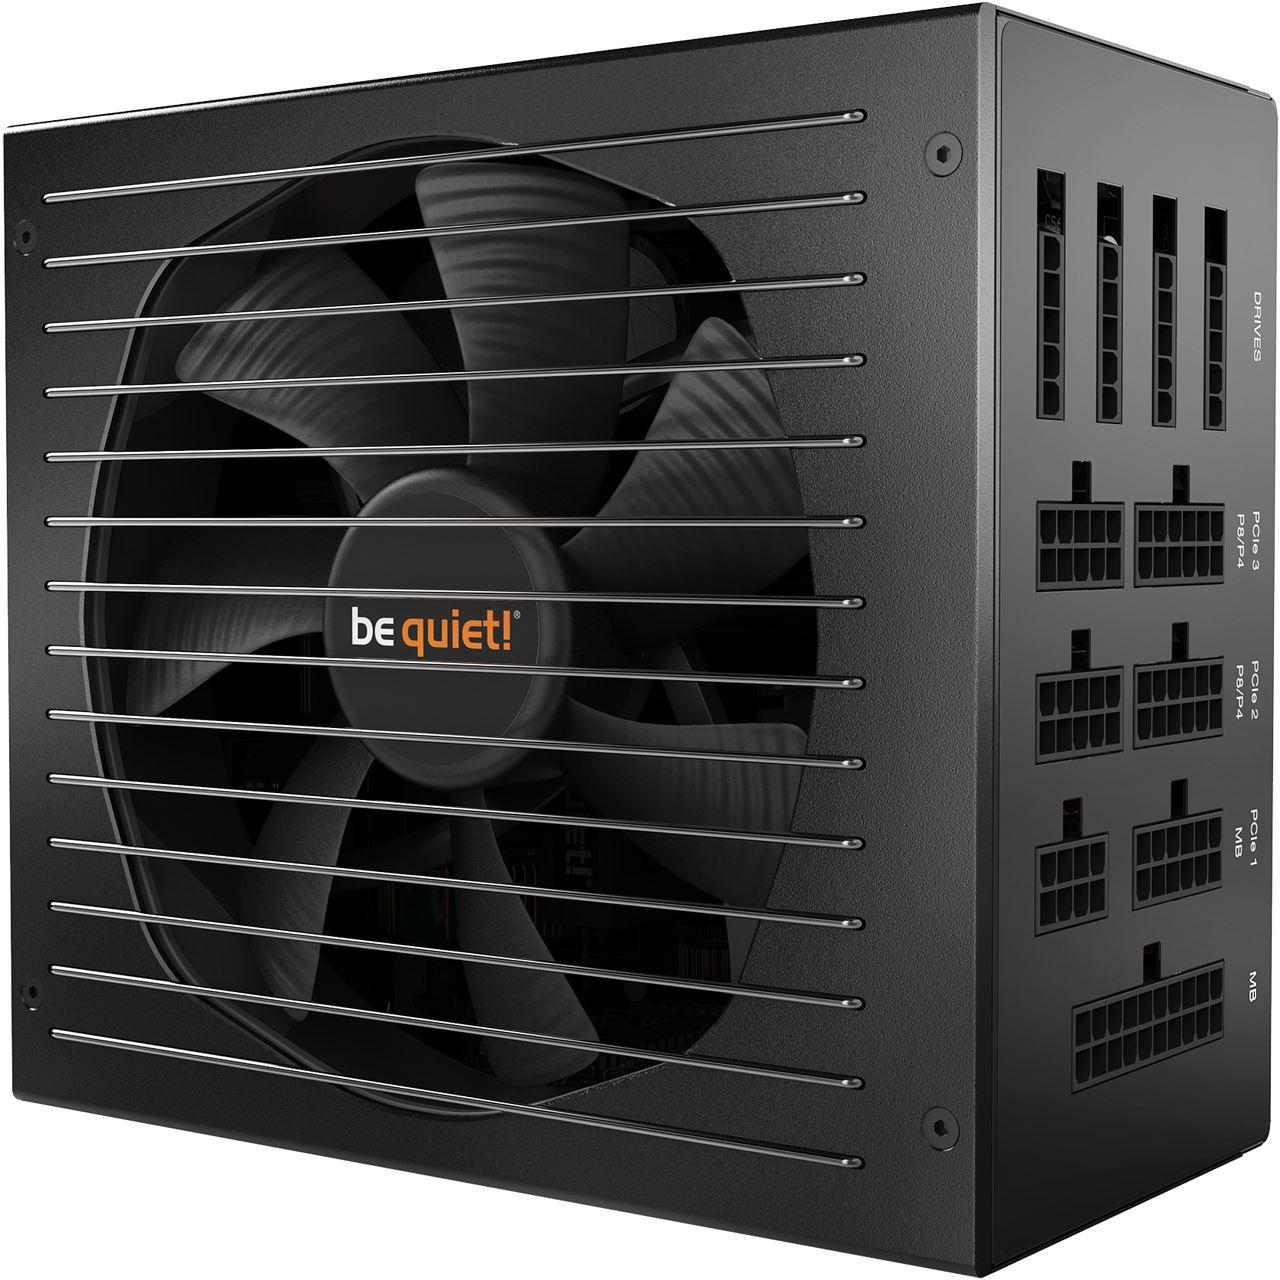 Mindstar! 750 Watt be quiet! Straight Power 11 Modular 80+ Gold